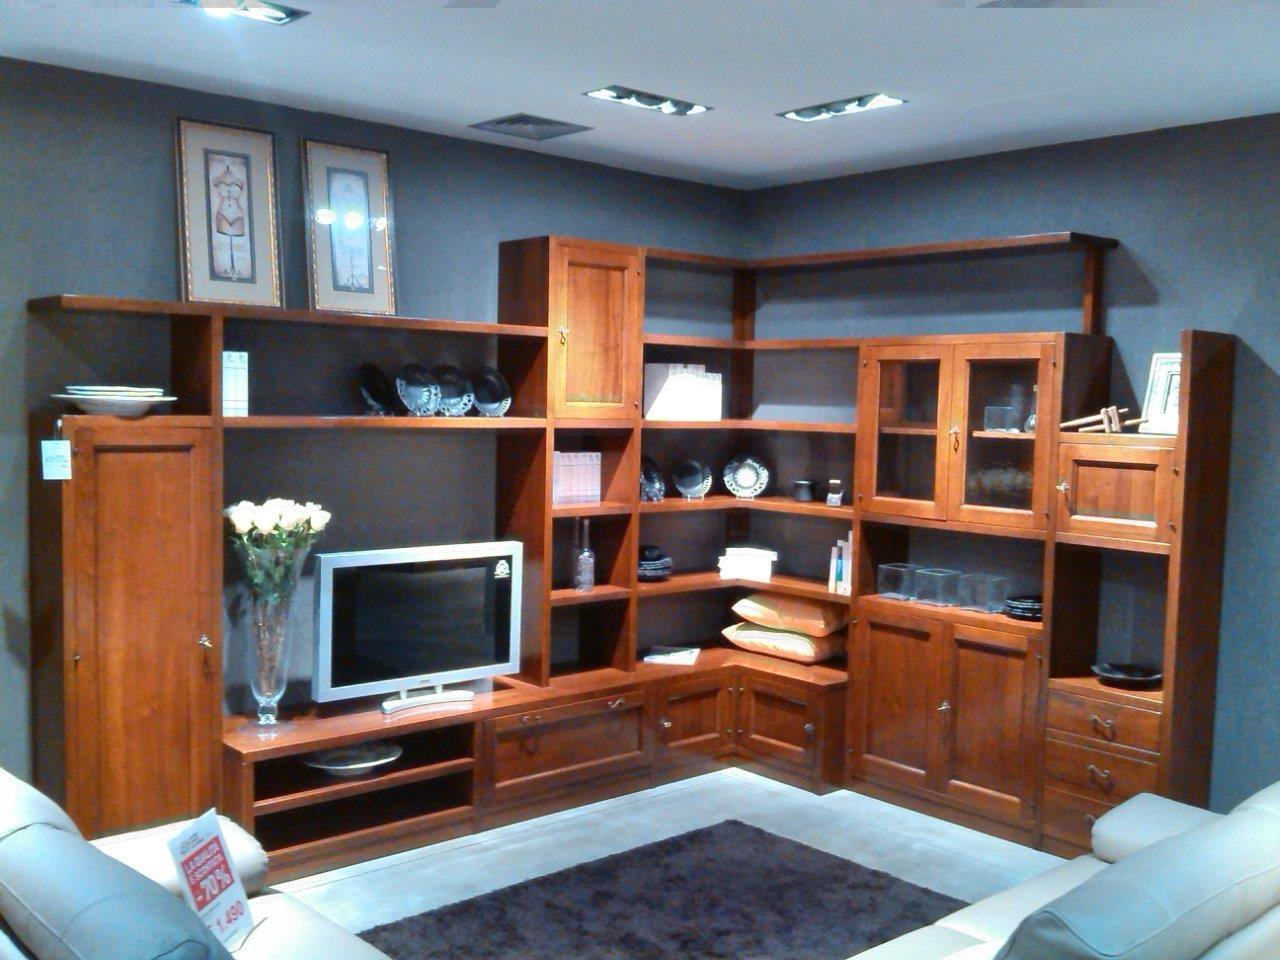 Parete soggiorno artigianale in noce soggiorni a prezzi scontati - Parete attrezzata classica prezzi ...